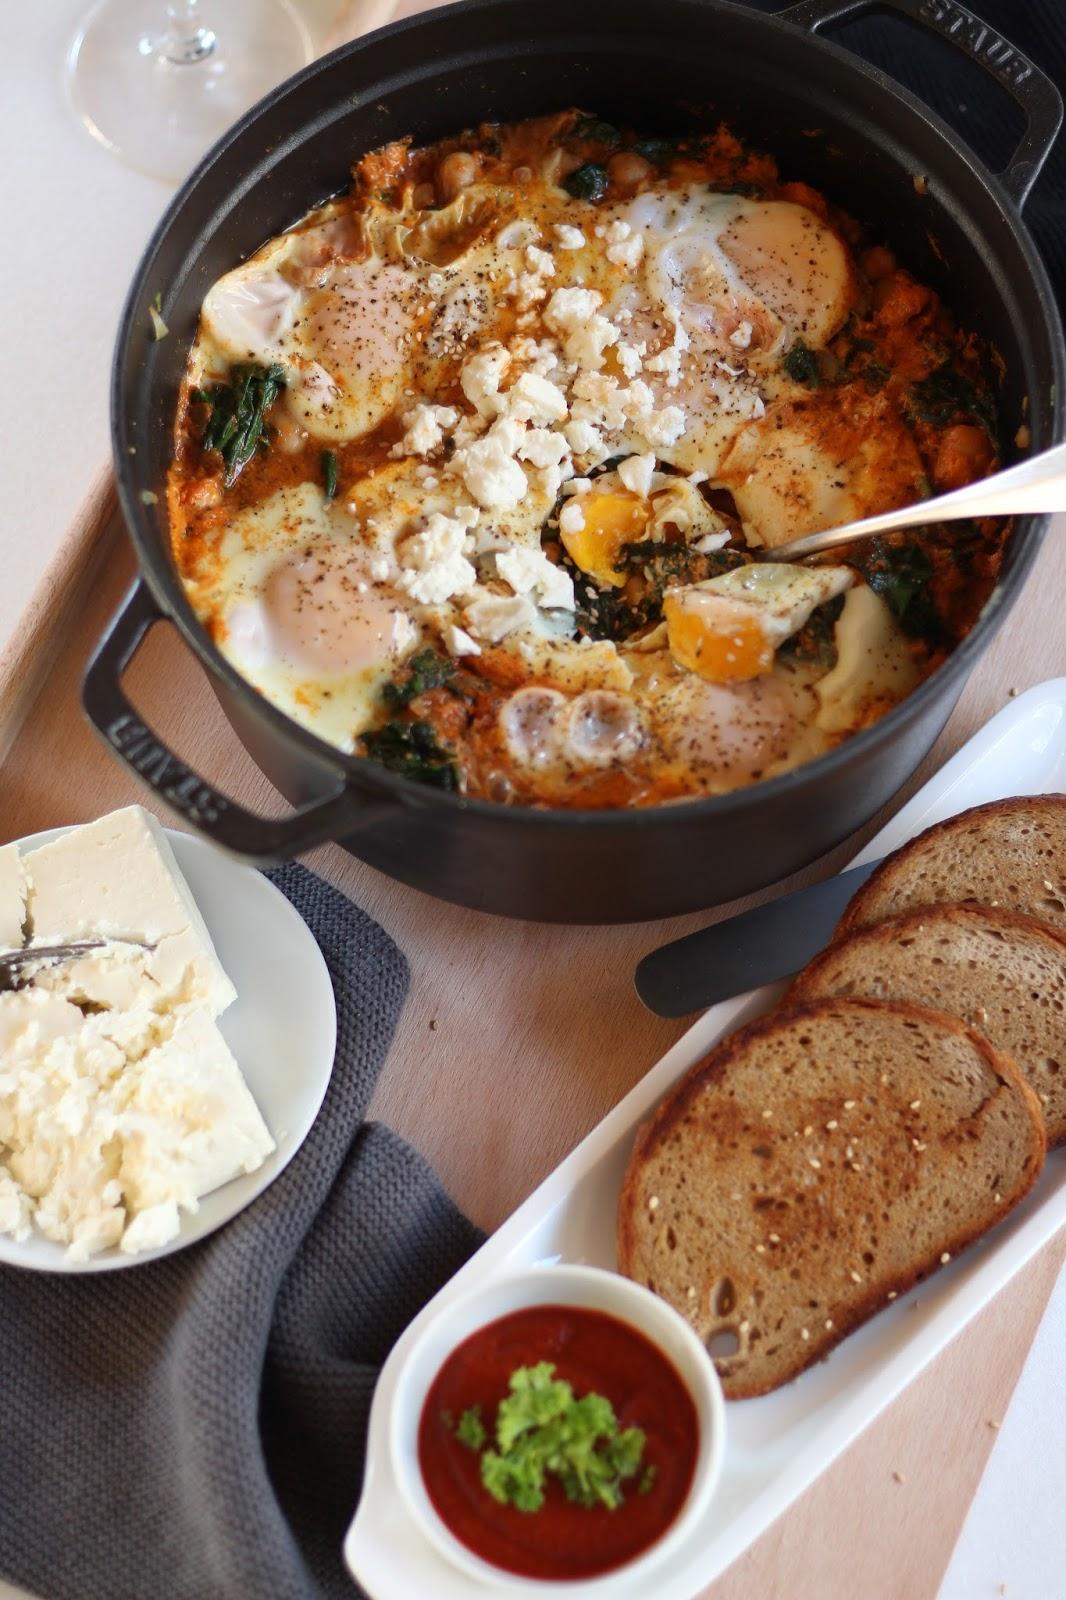 Türkische Spinat-Eier-Pfanne mit Kichererbsen und Schafskäse: Super lecker, schnell gemacht und einfach gut!